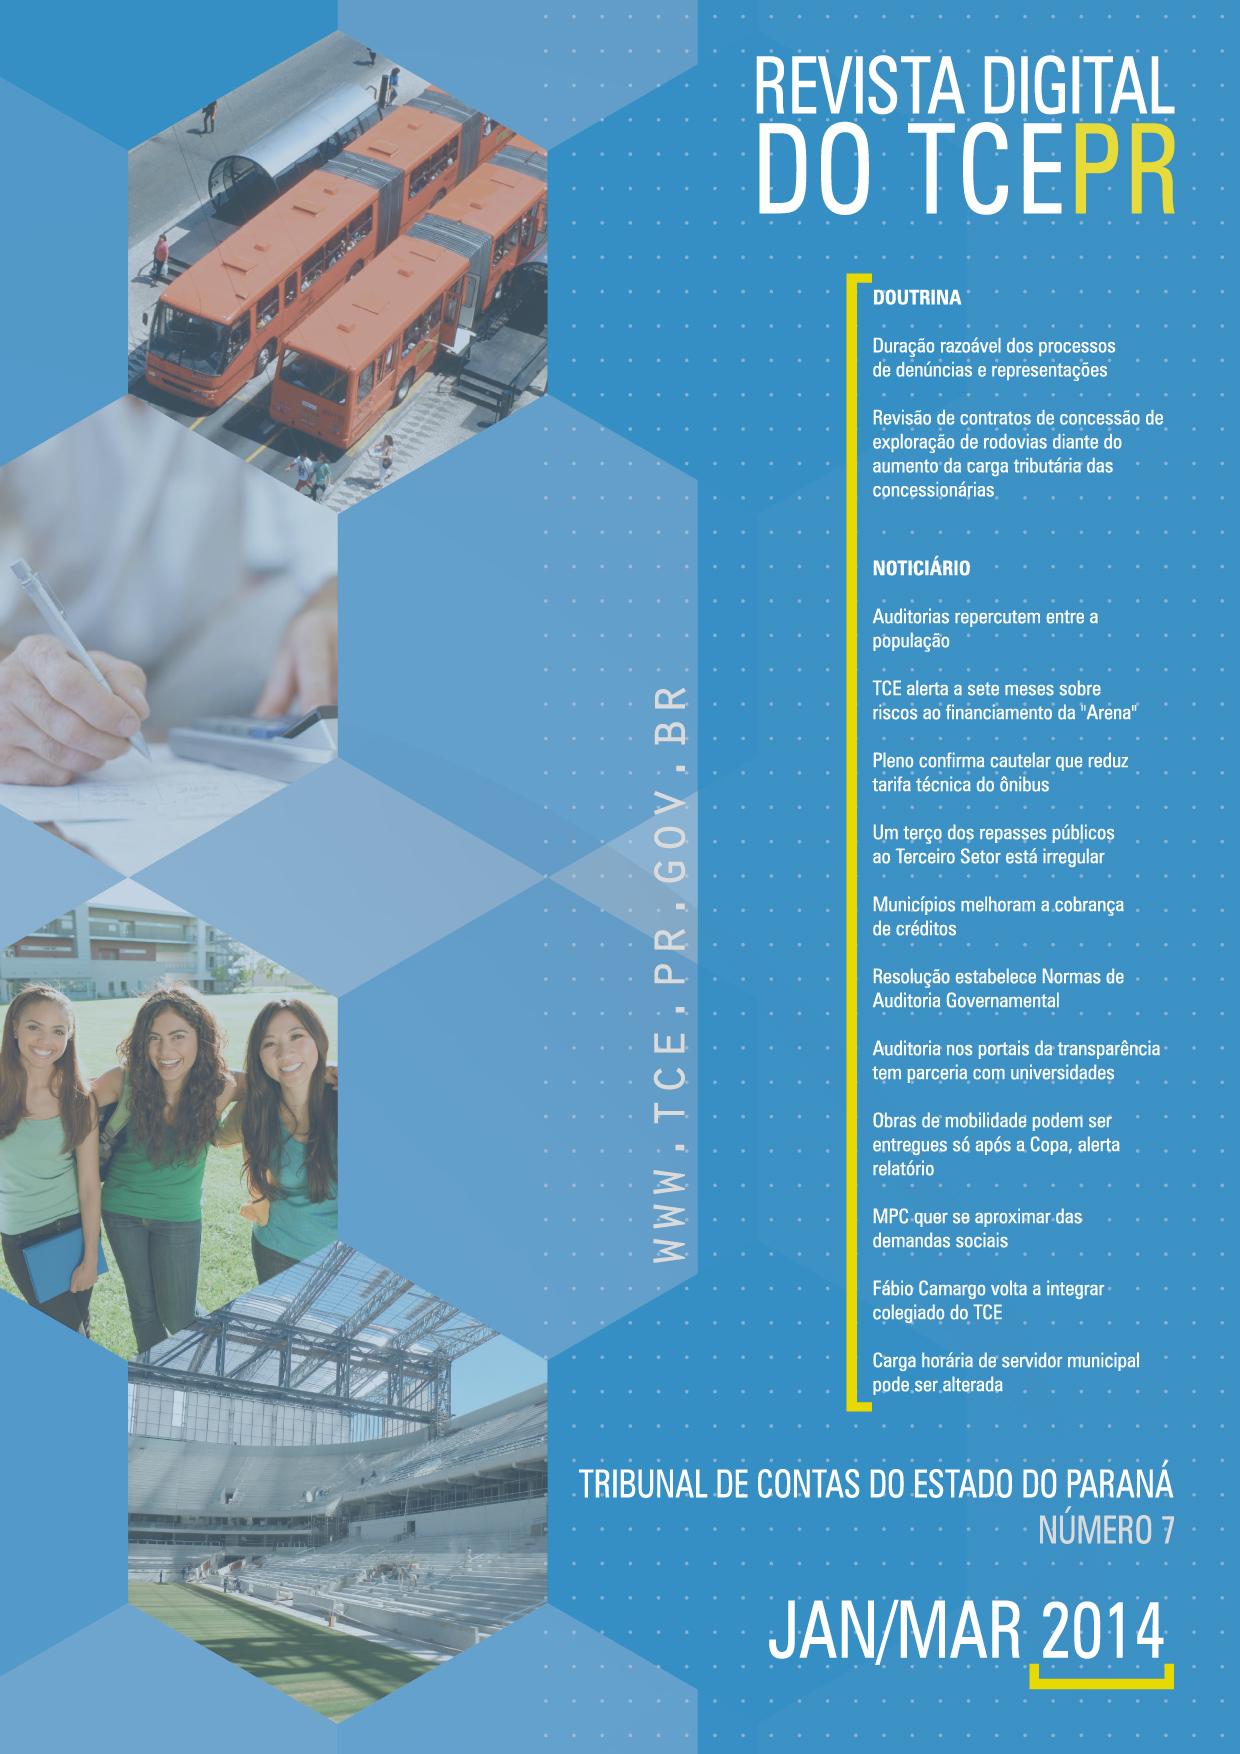 Revista Digital do TCEPR - número 7